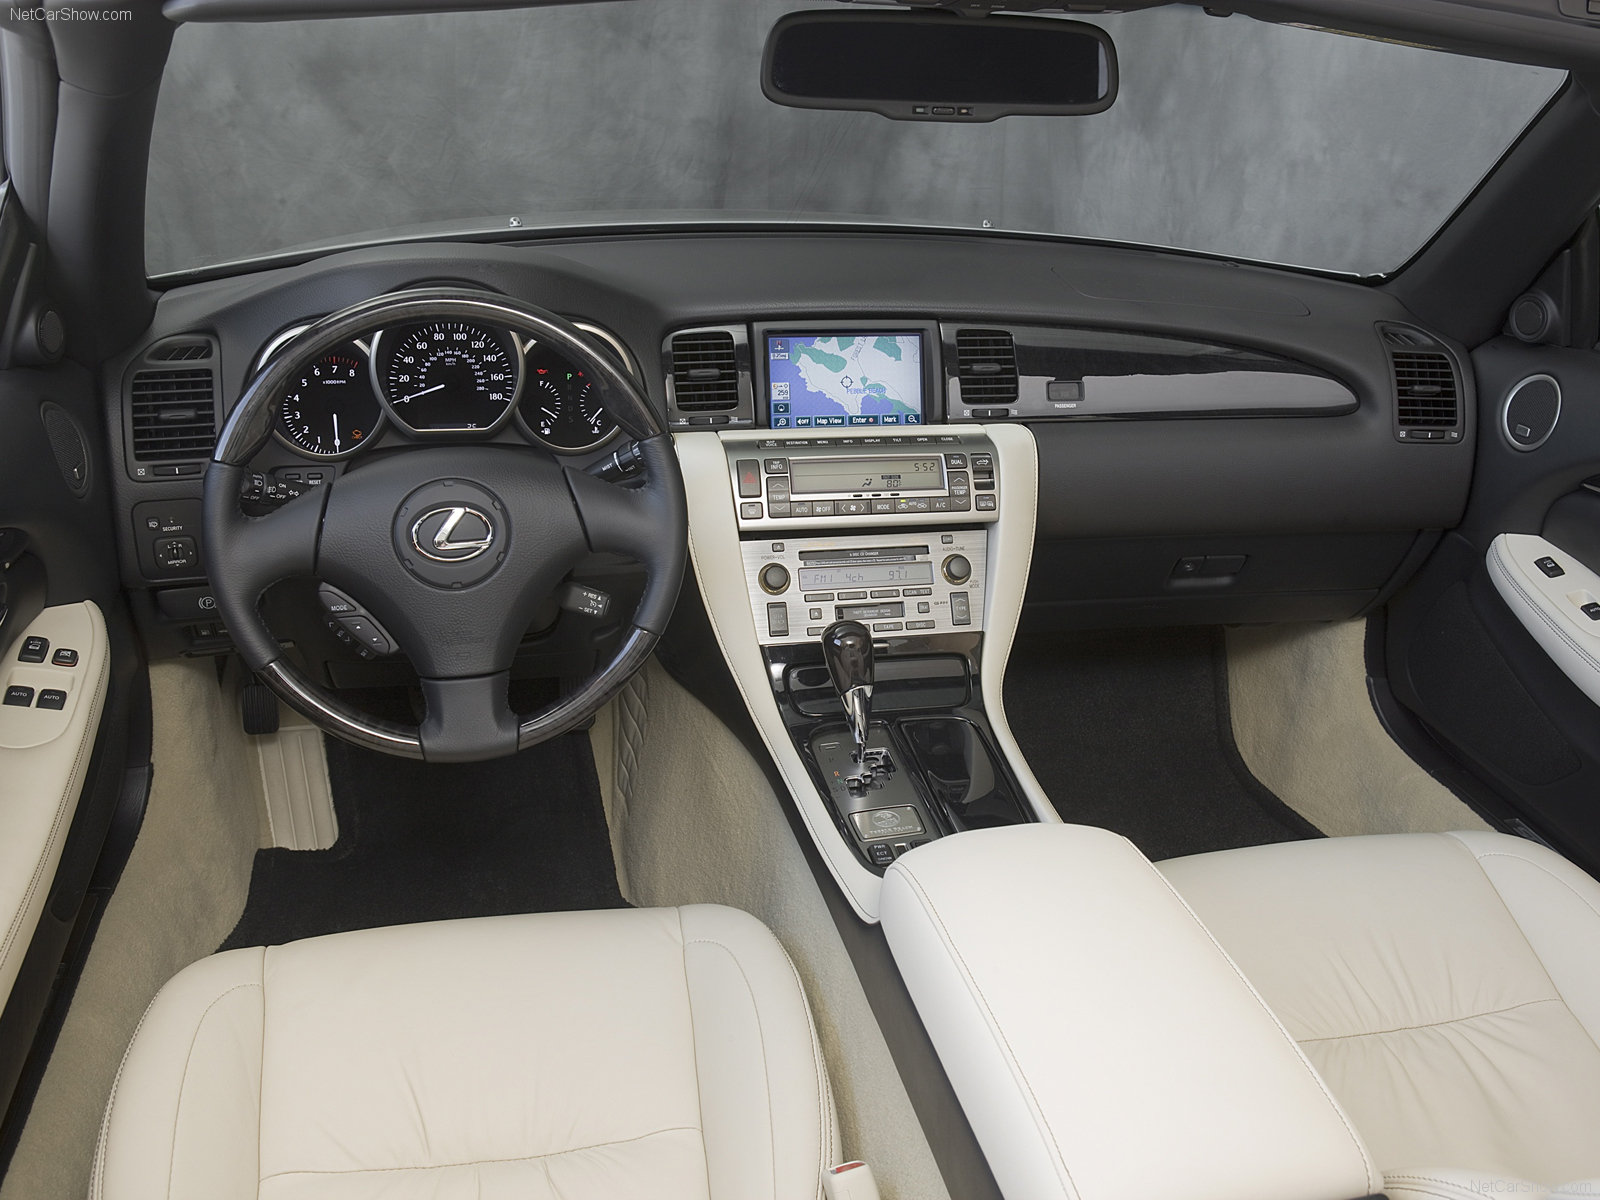 http://cdn2.3dtuning.com/info/Lexus%20SC430%202004%20Convertible/factory/2.jpg